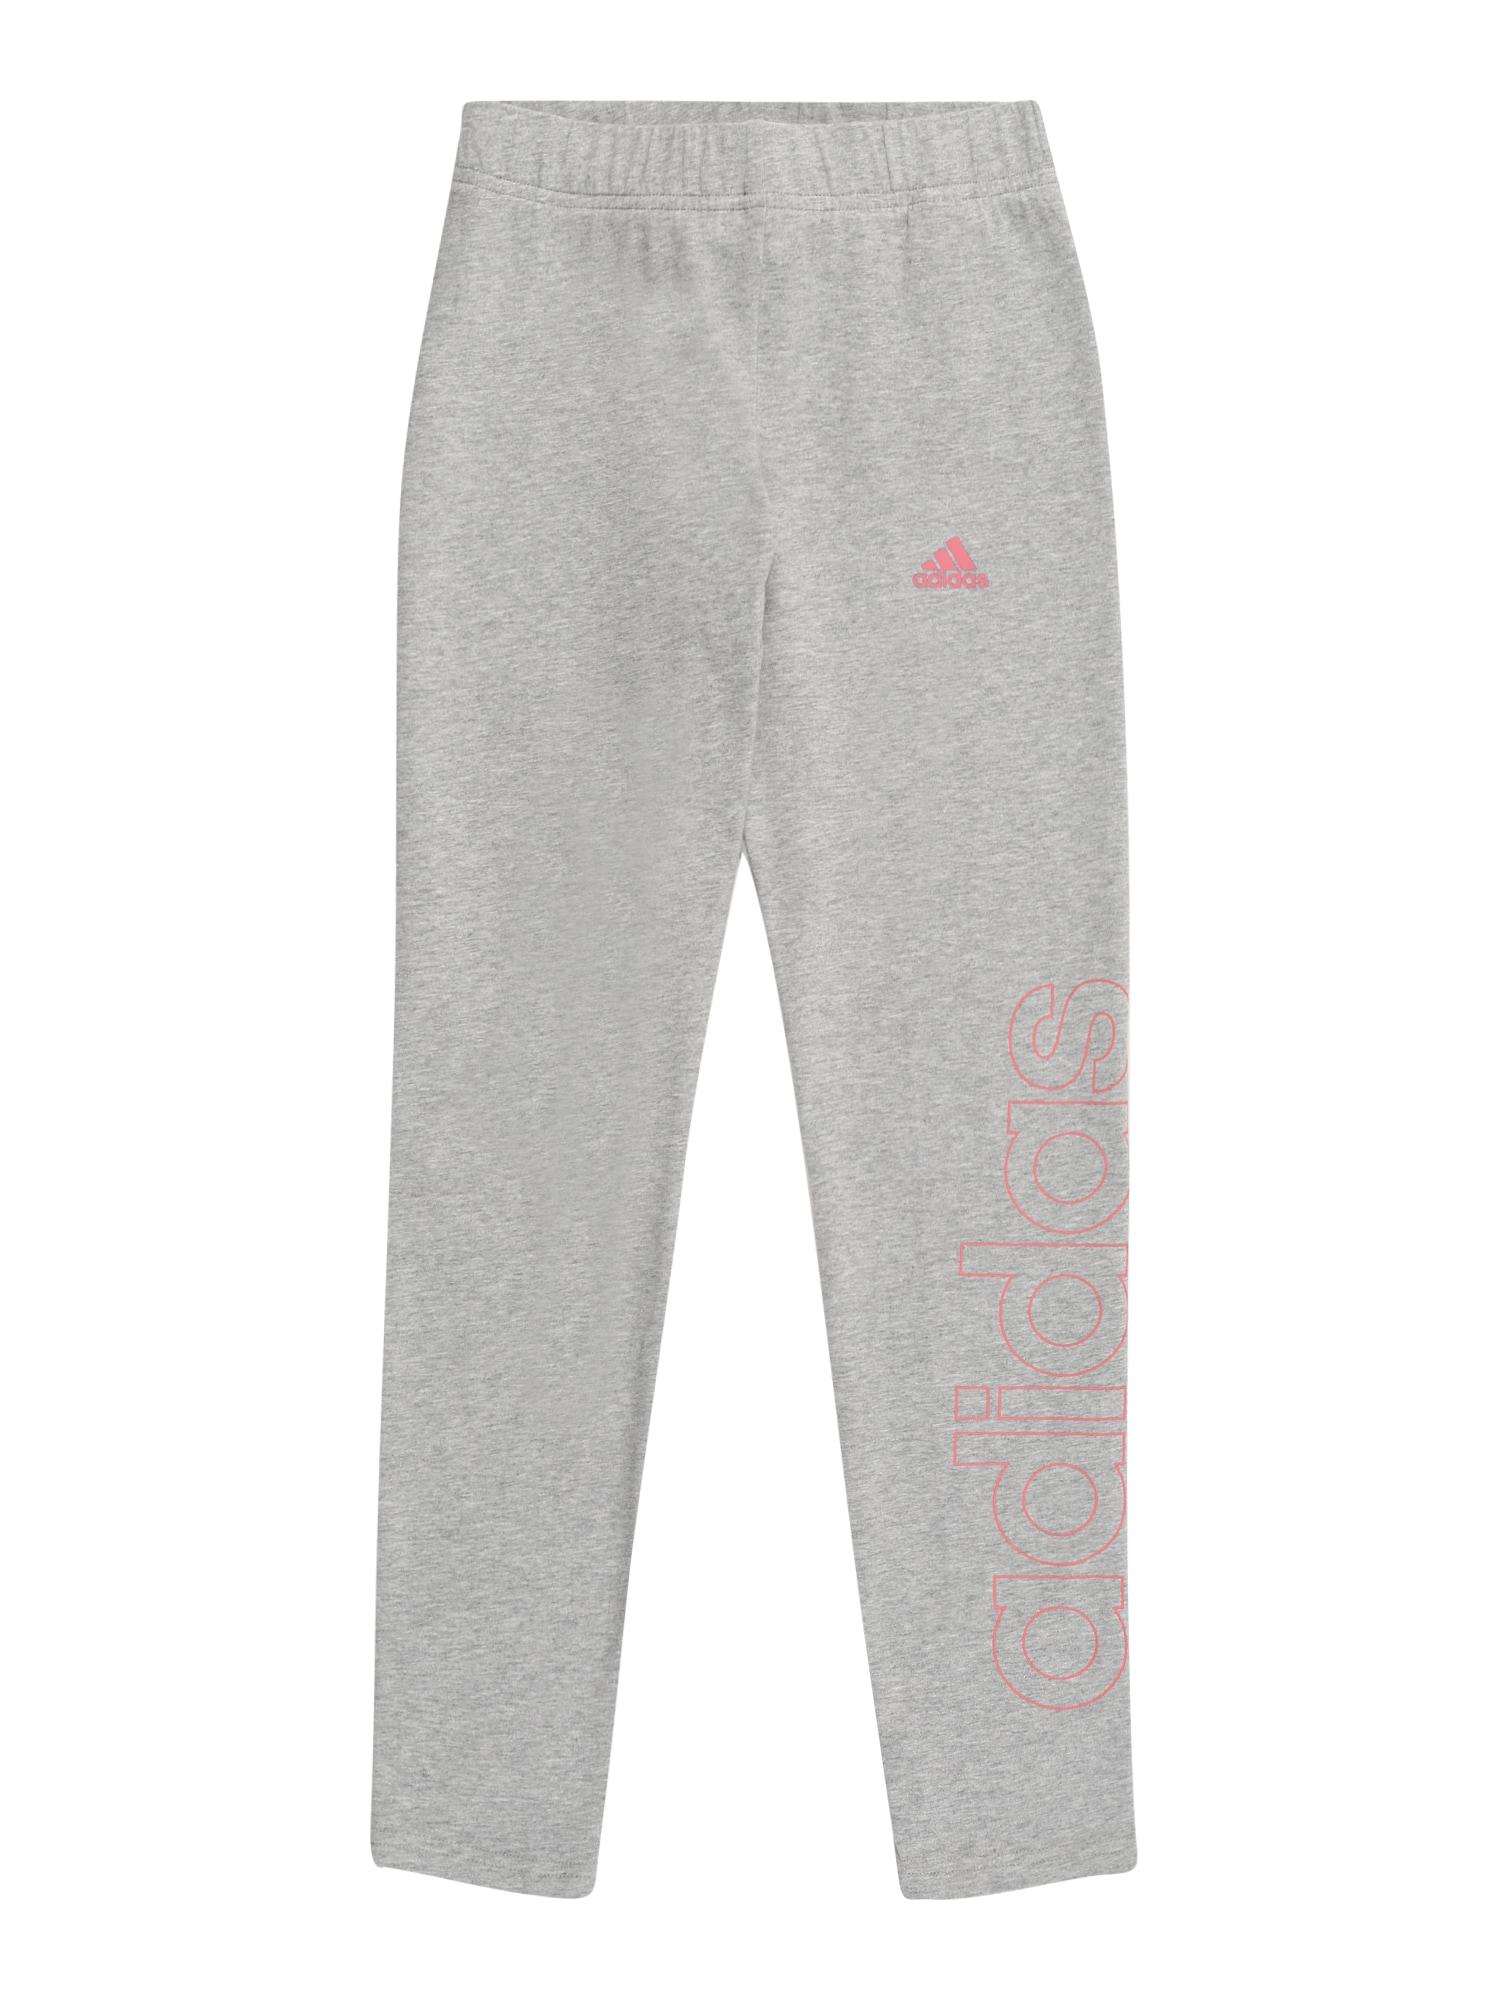 ADIDAS PERFORMANCE Sportinės kelnės pilka / rožinė